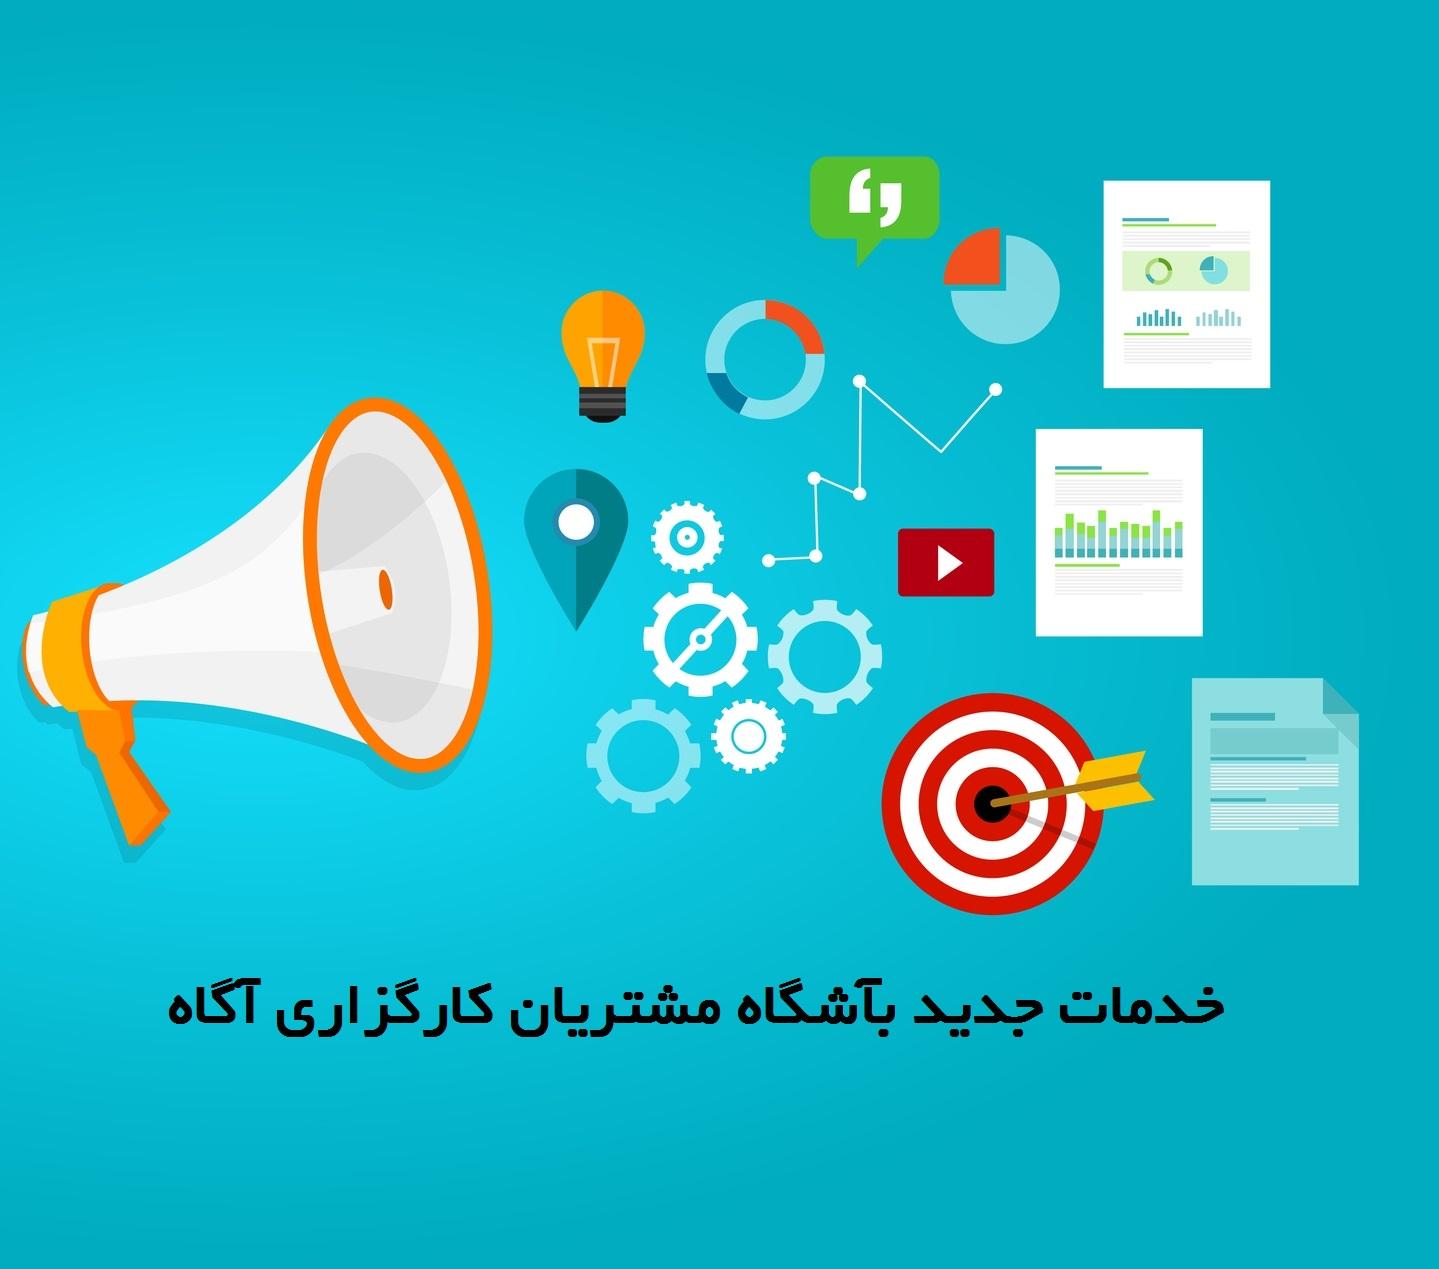 خدمات جدید بآشگاه مشتریان آگاه و تغییرات مهم آن